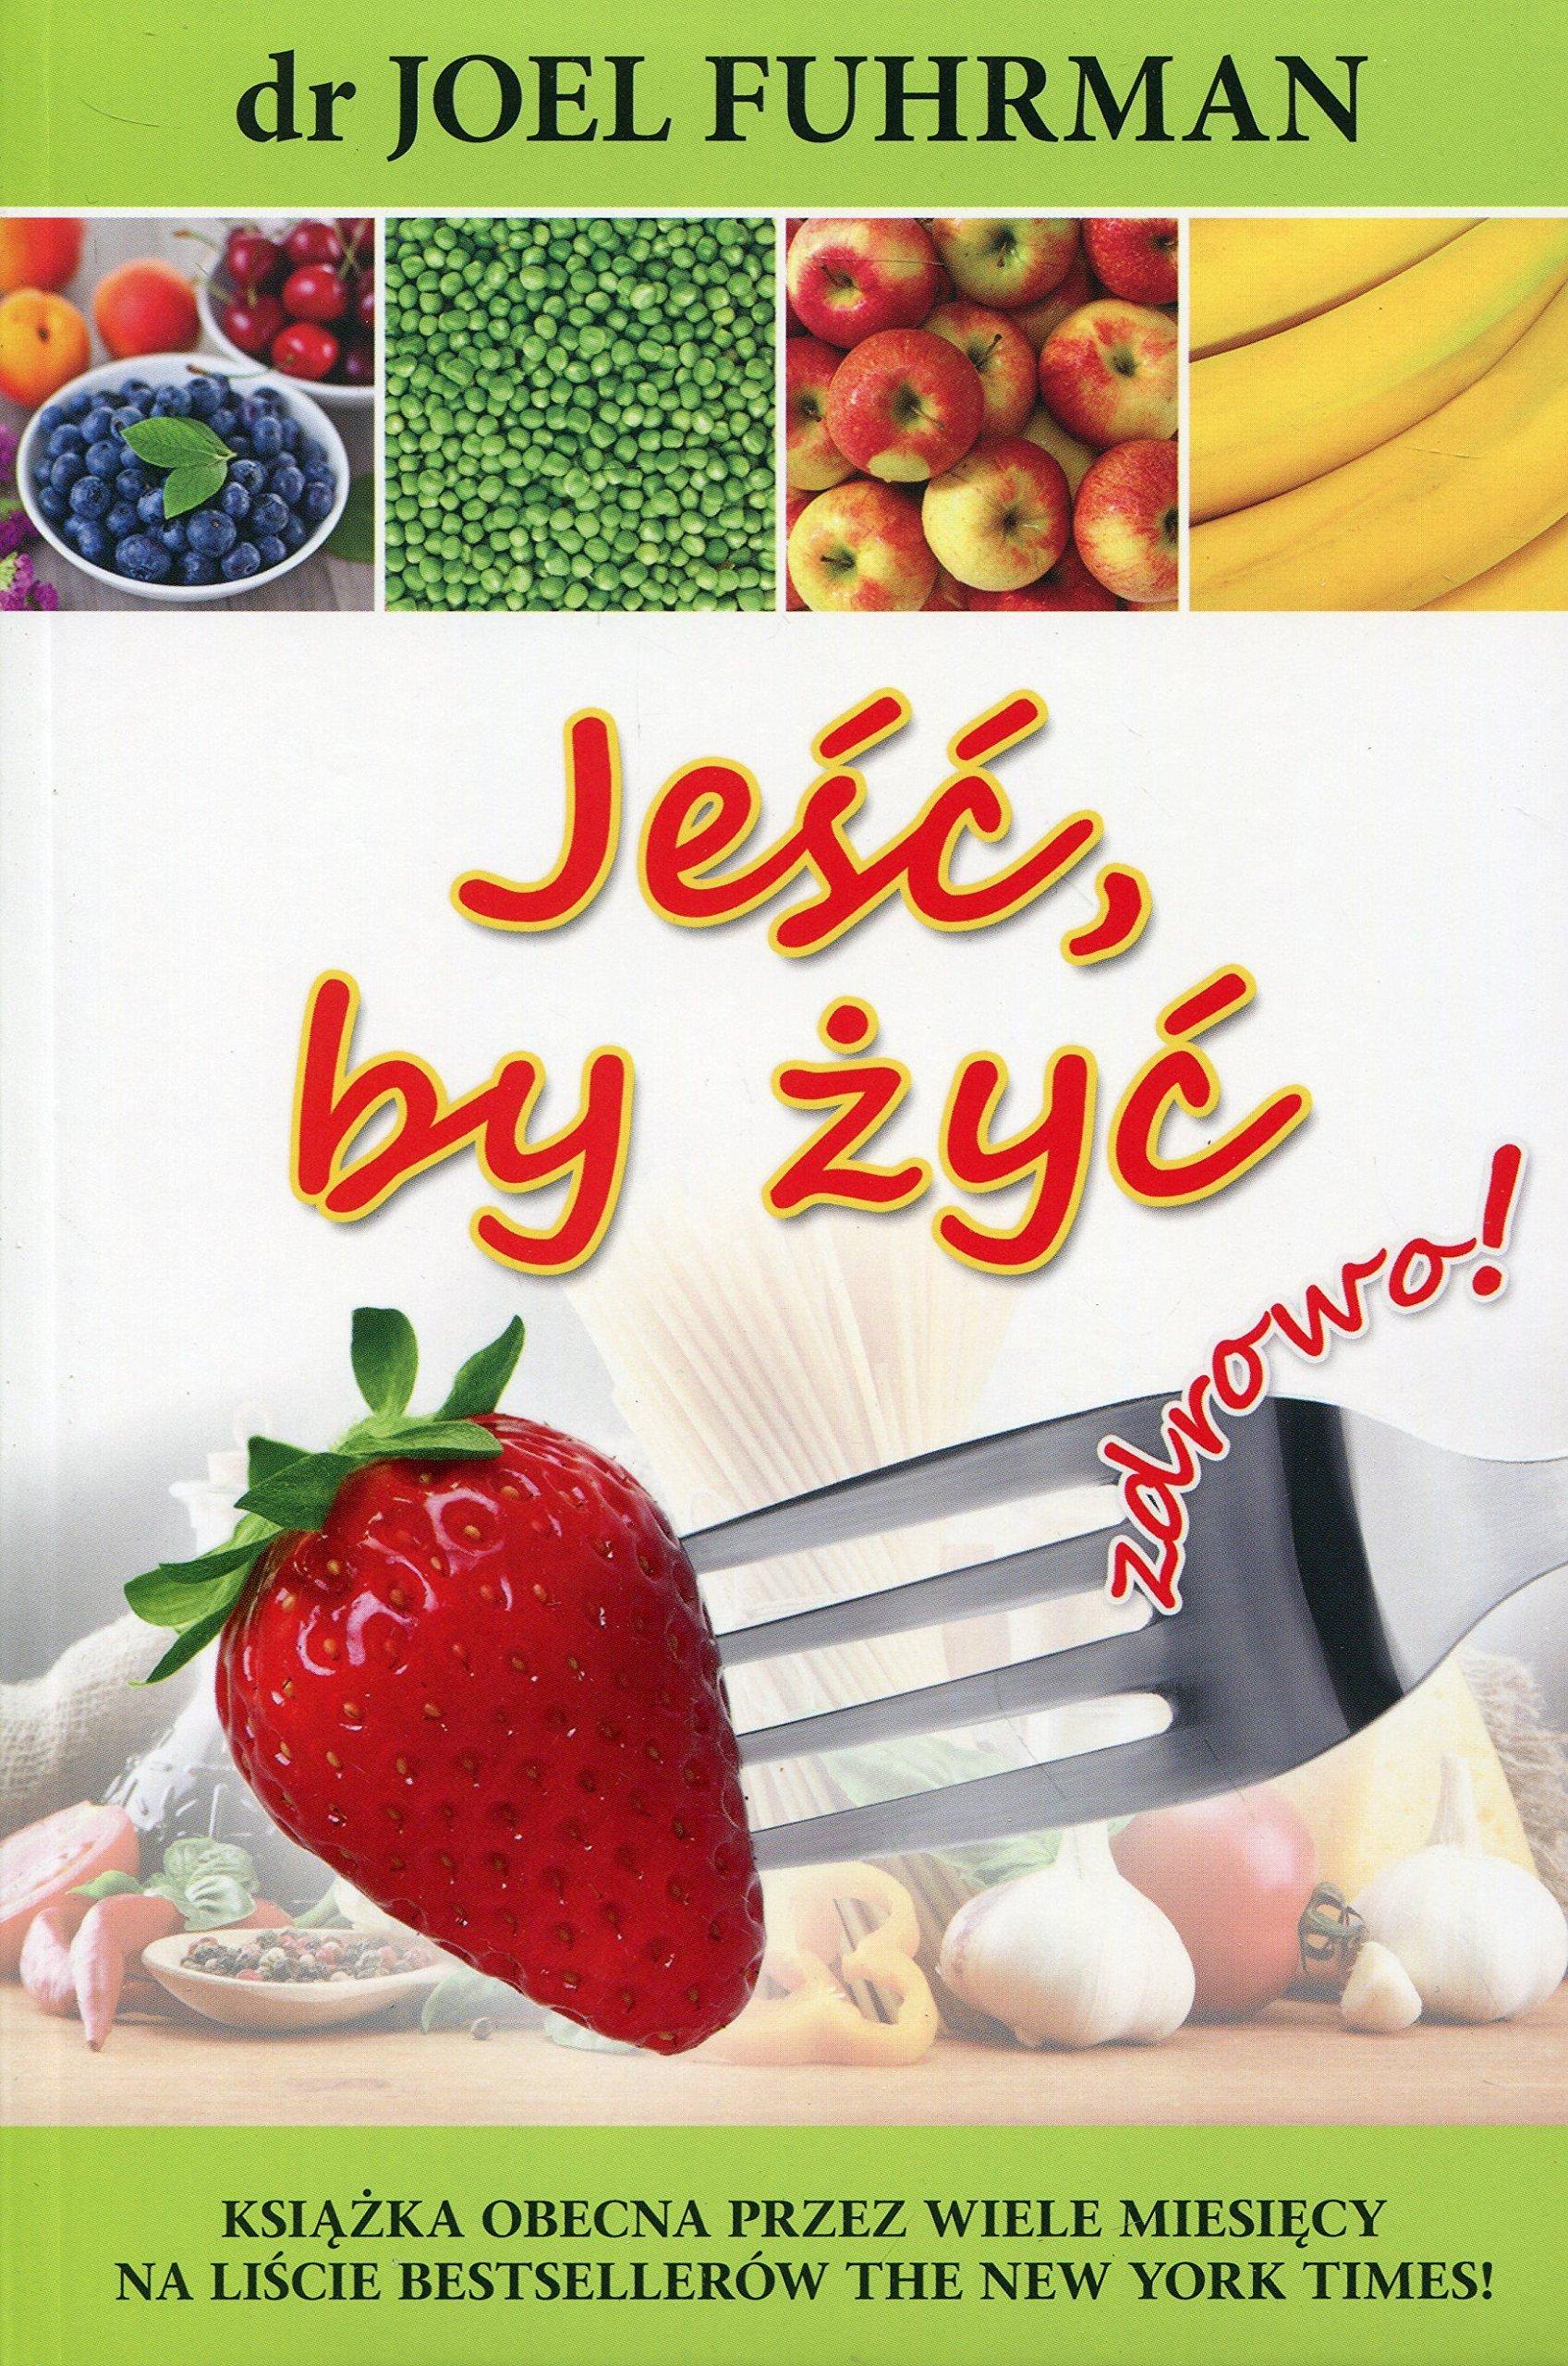 jesc-by-zyc-zdrowo